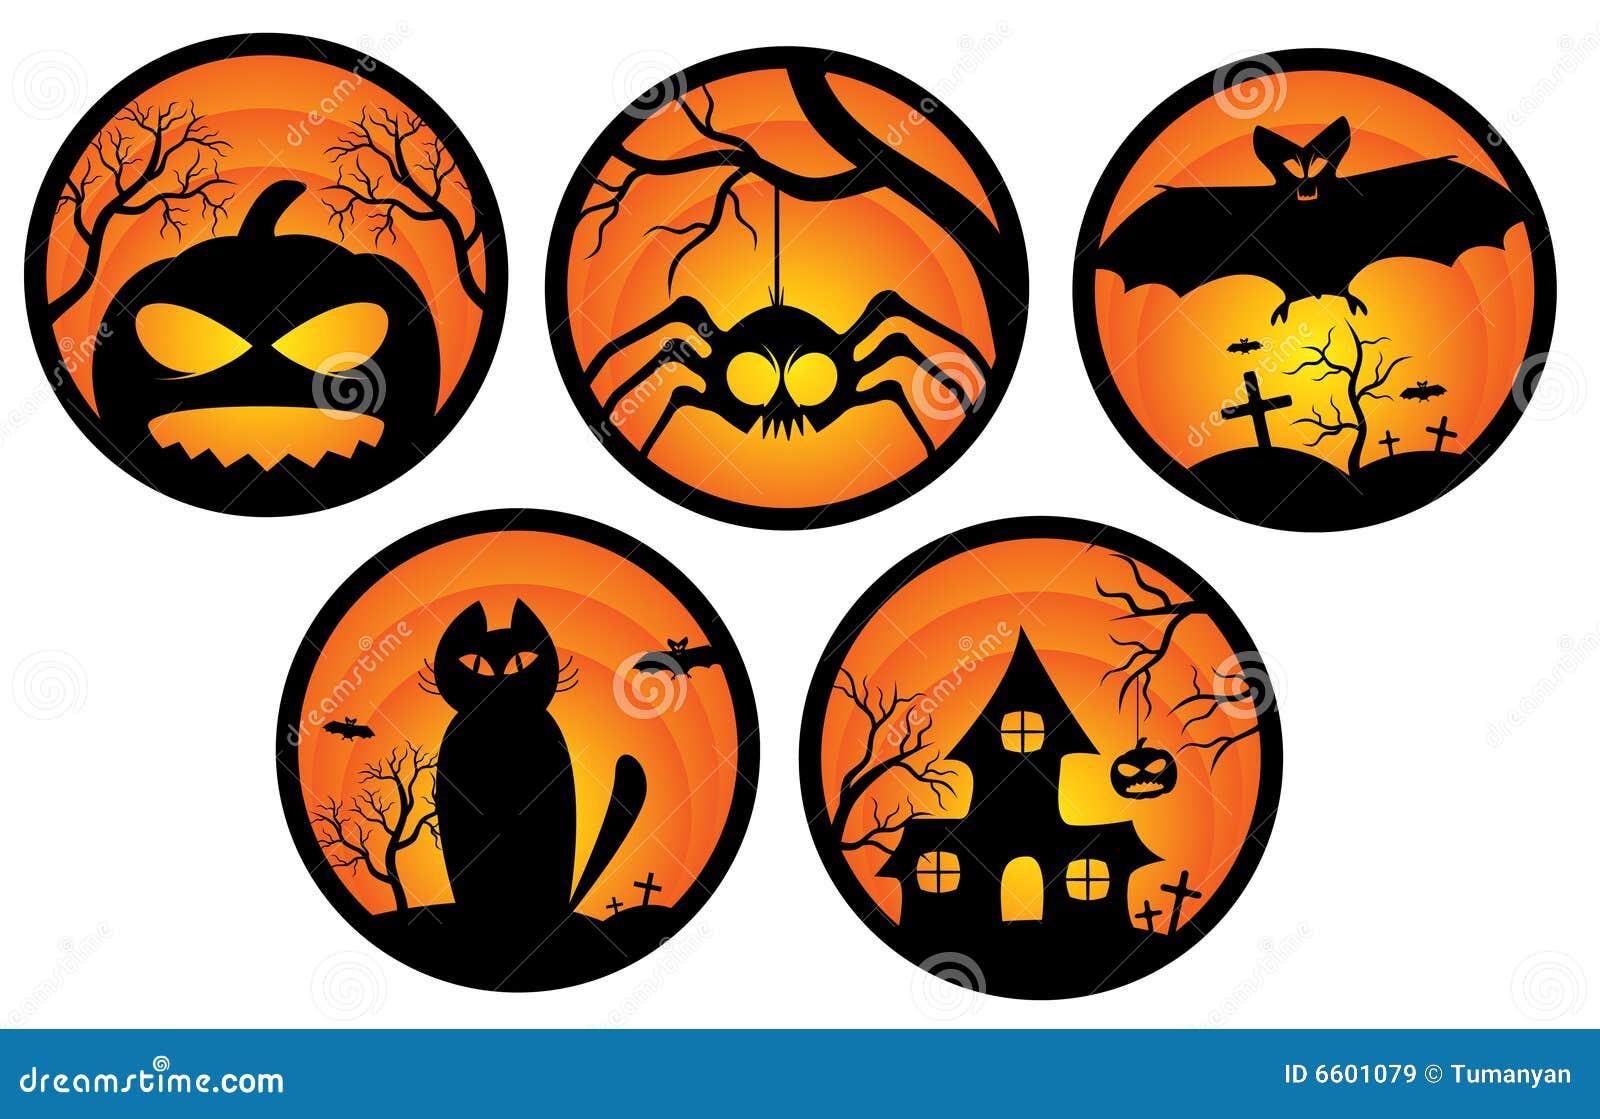 Открытка на хэллоуин тыква